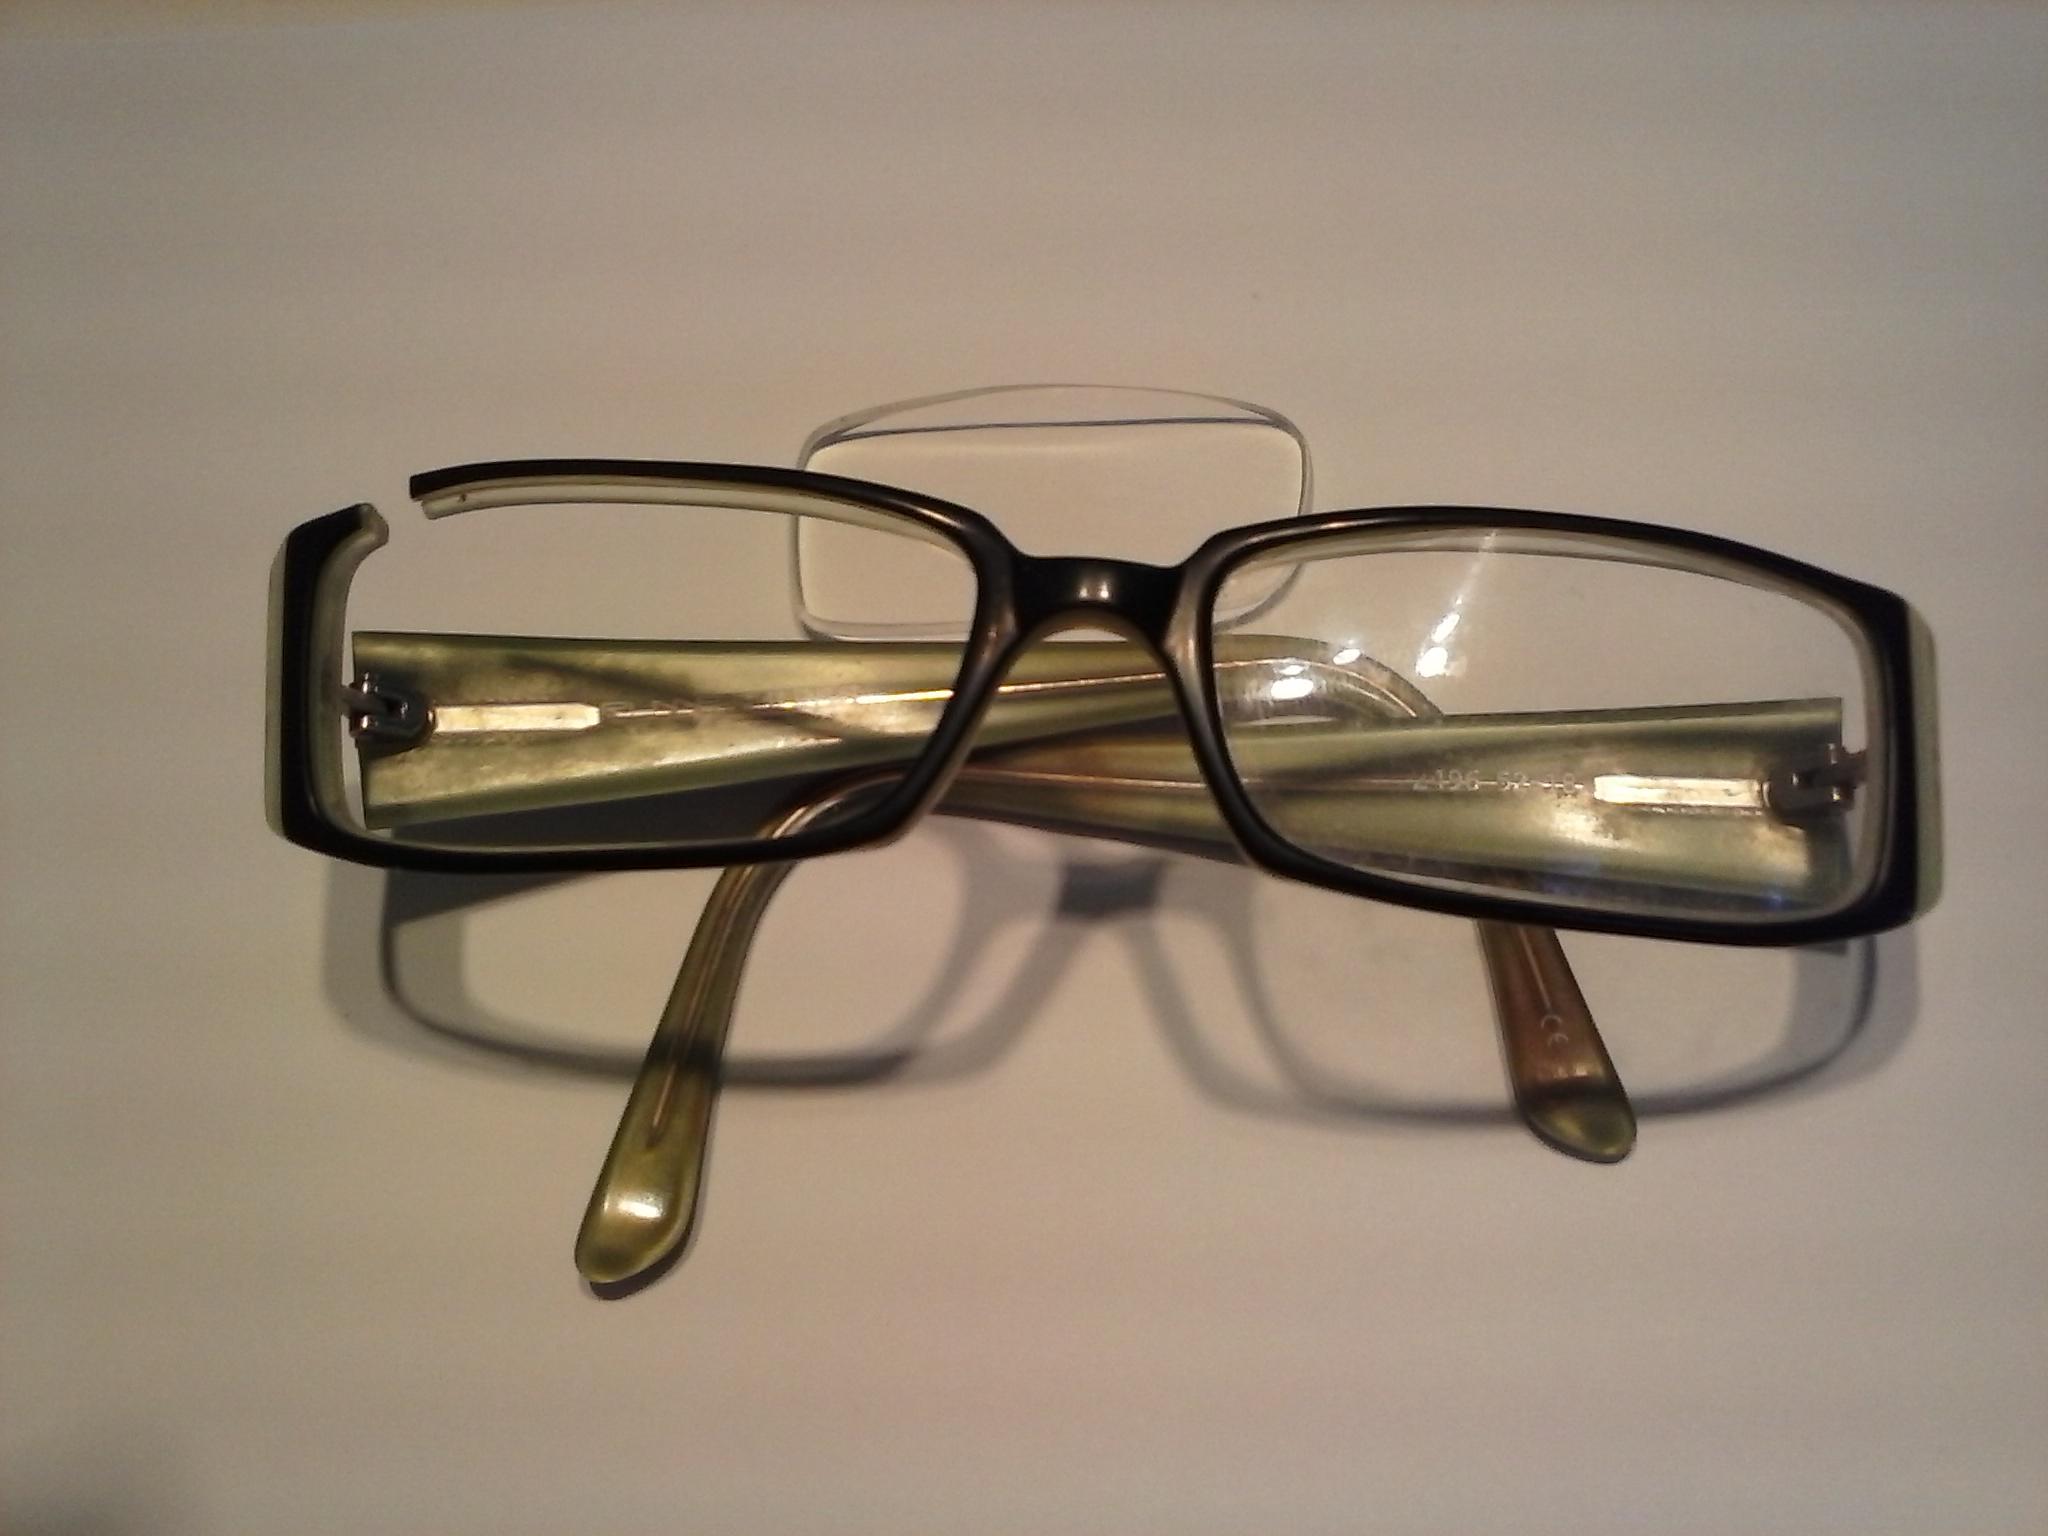 ee1e19bc95 Te informamos de cómo arreglar gafas de pasta o metal rotas ...